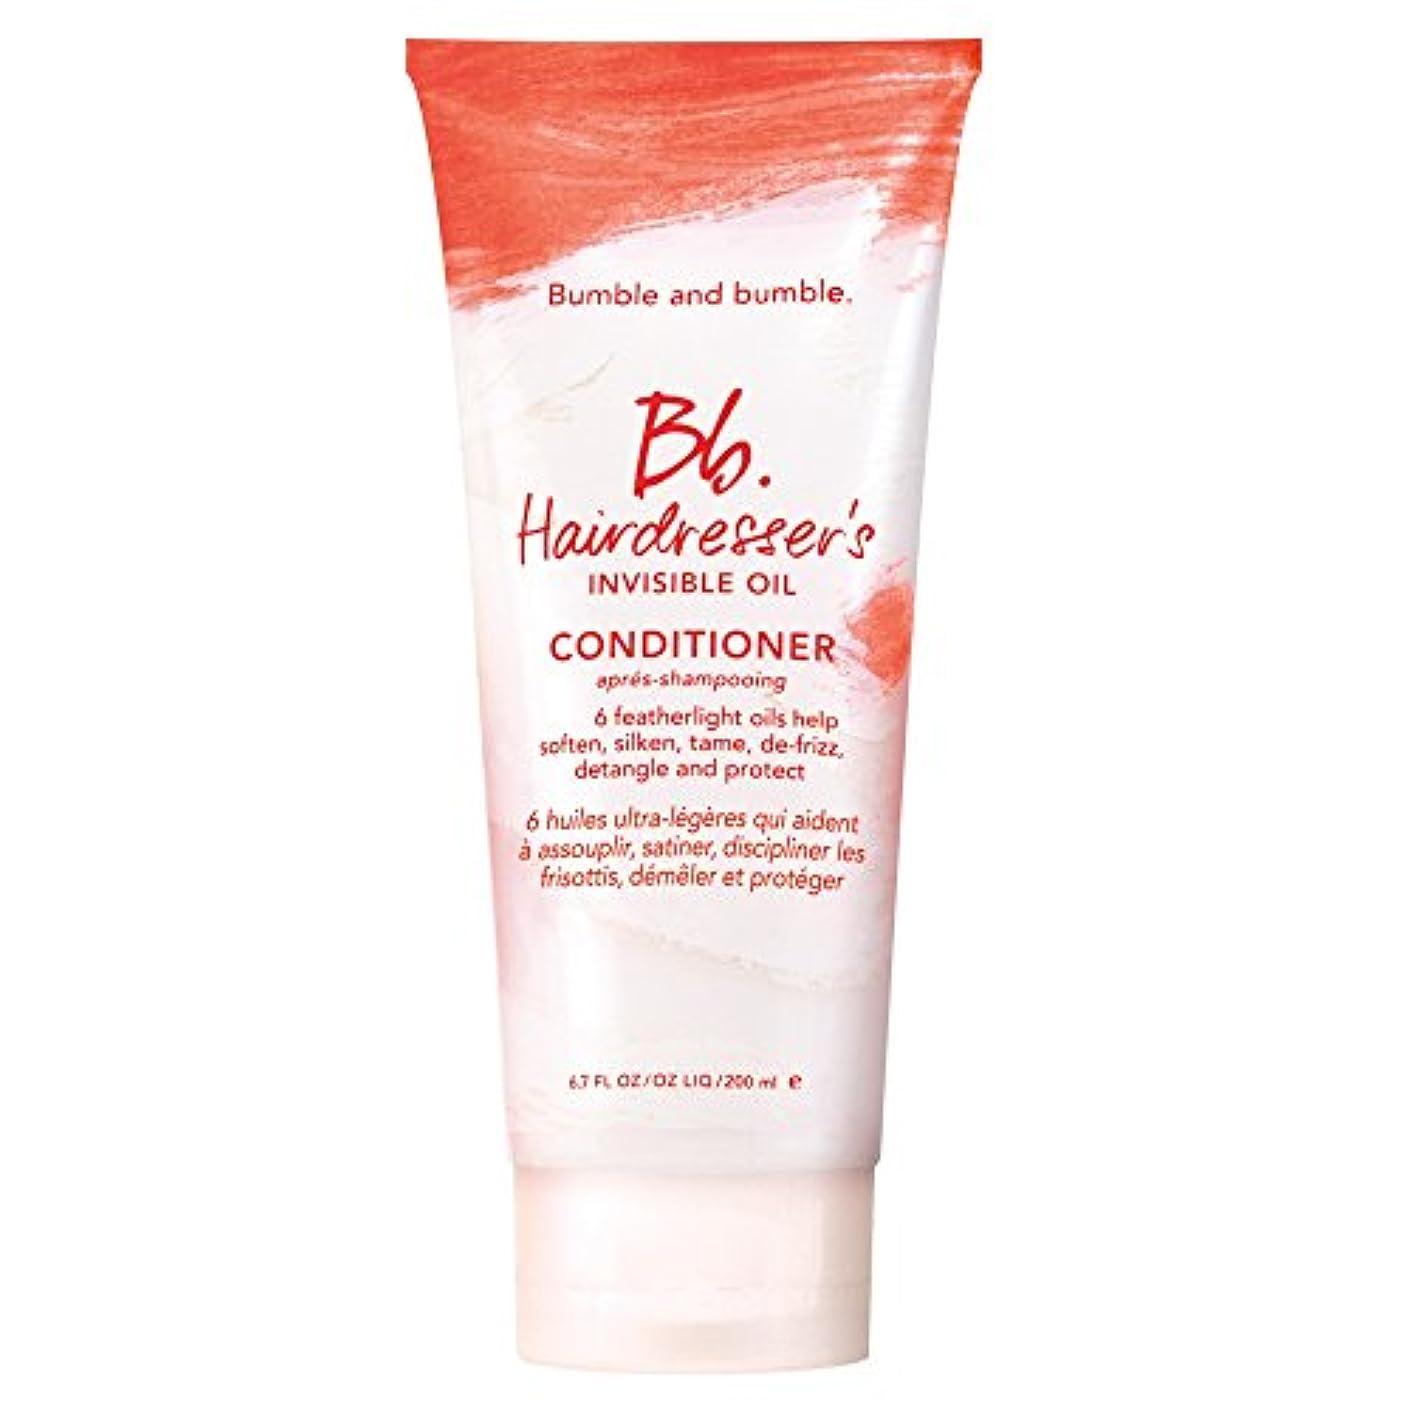 侵入する開梱ネイティブバンブルアンドバンブル美容見えないオイルコンディショナー200ミリリットル (Bumble and bumble) - Bumble and bumble Hairdressers invisible oil conditioner...